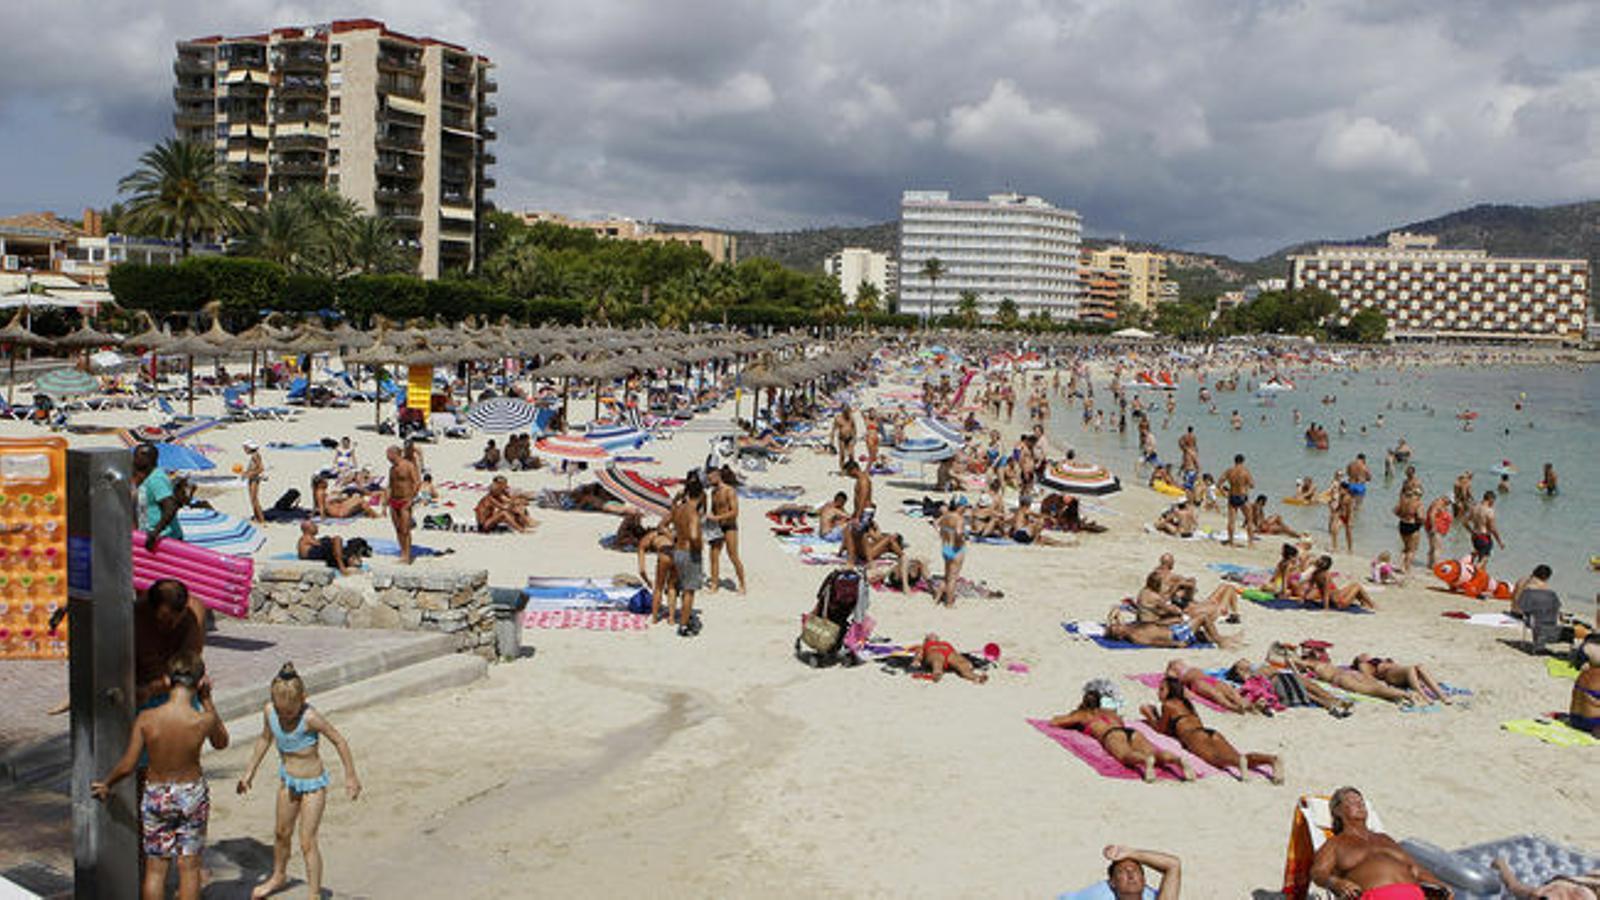 La platja de Palmanova